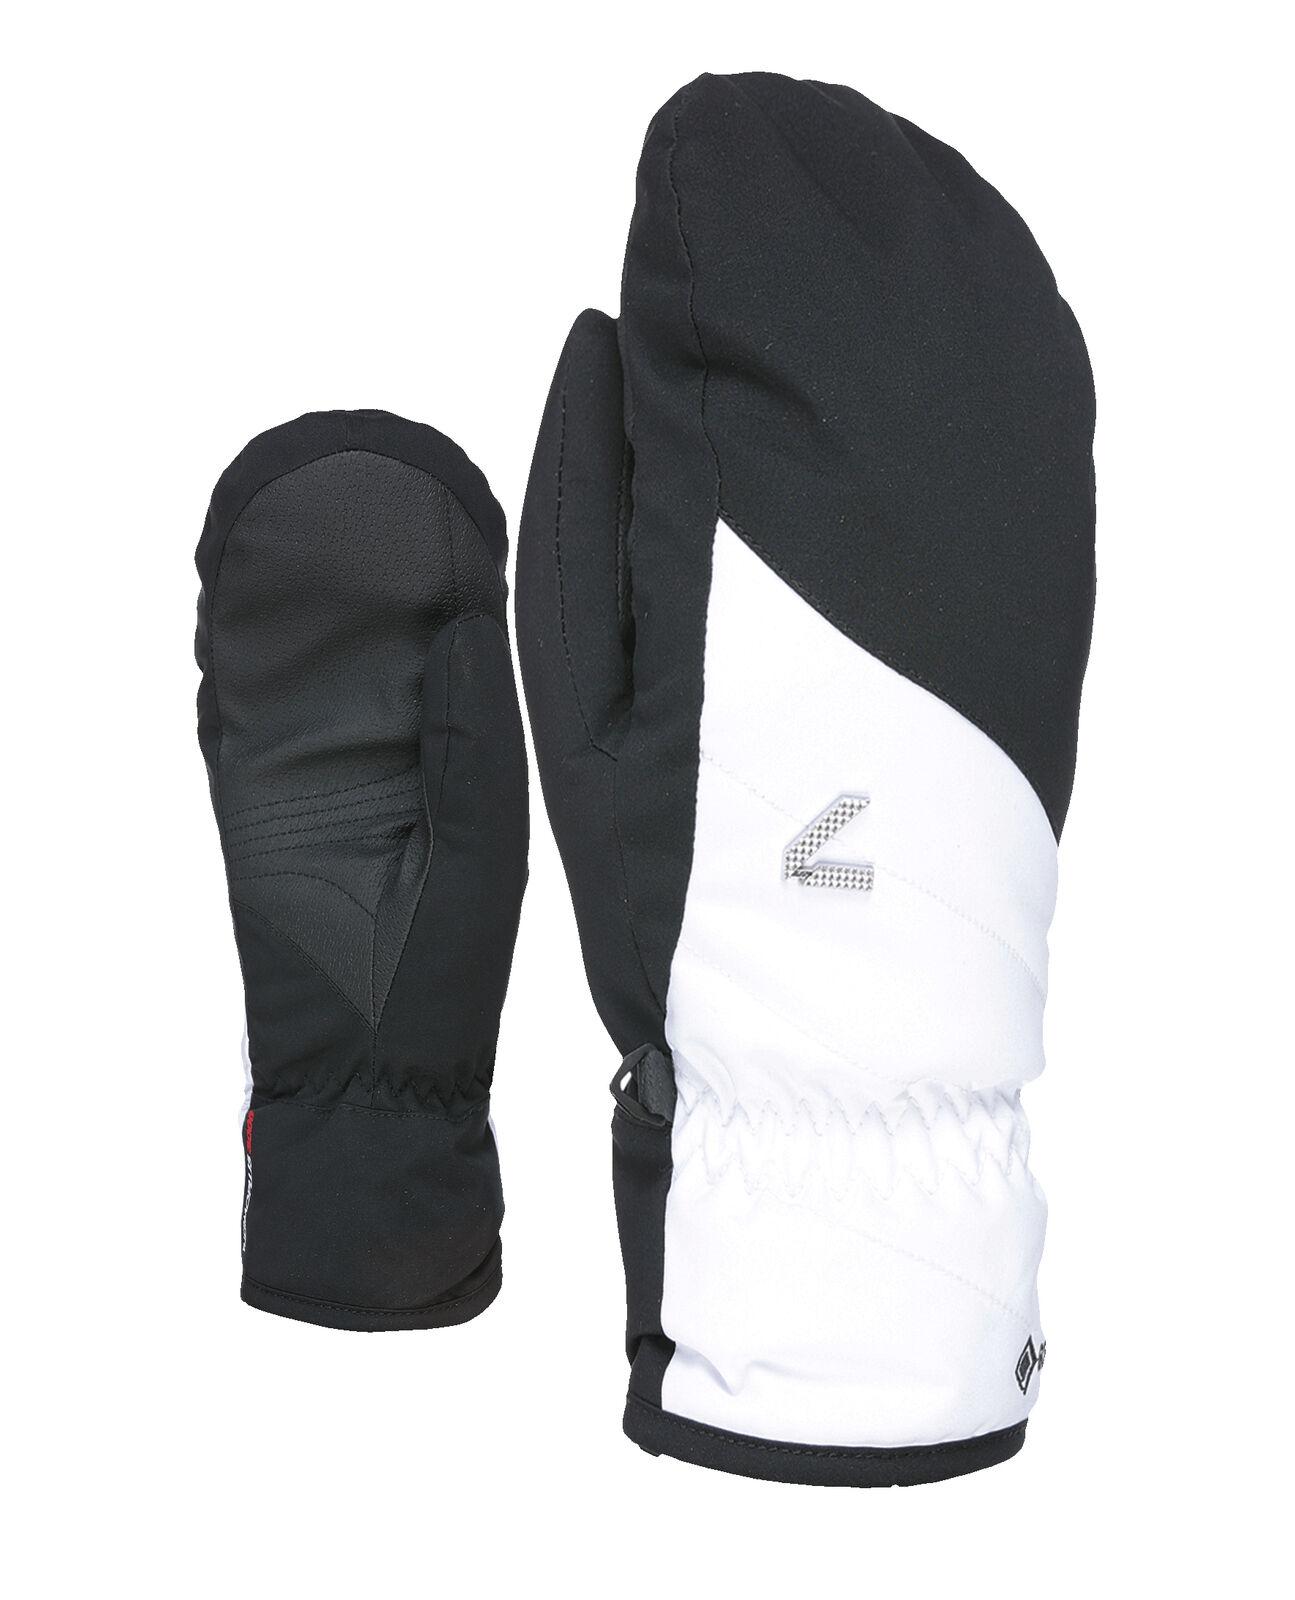 Level Handschuh Level Astra W Mitt GT schwarz winddicht wasserdicht atmungsaktiv